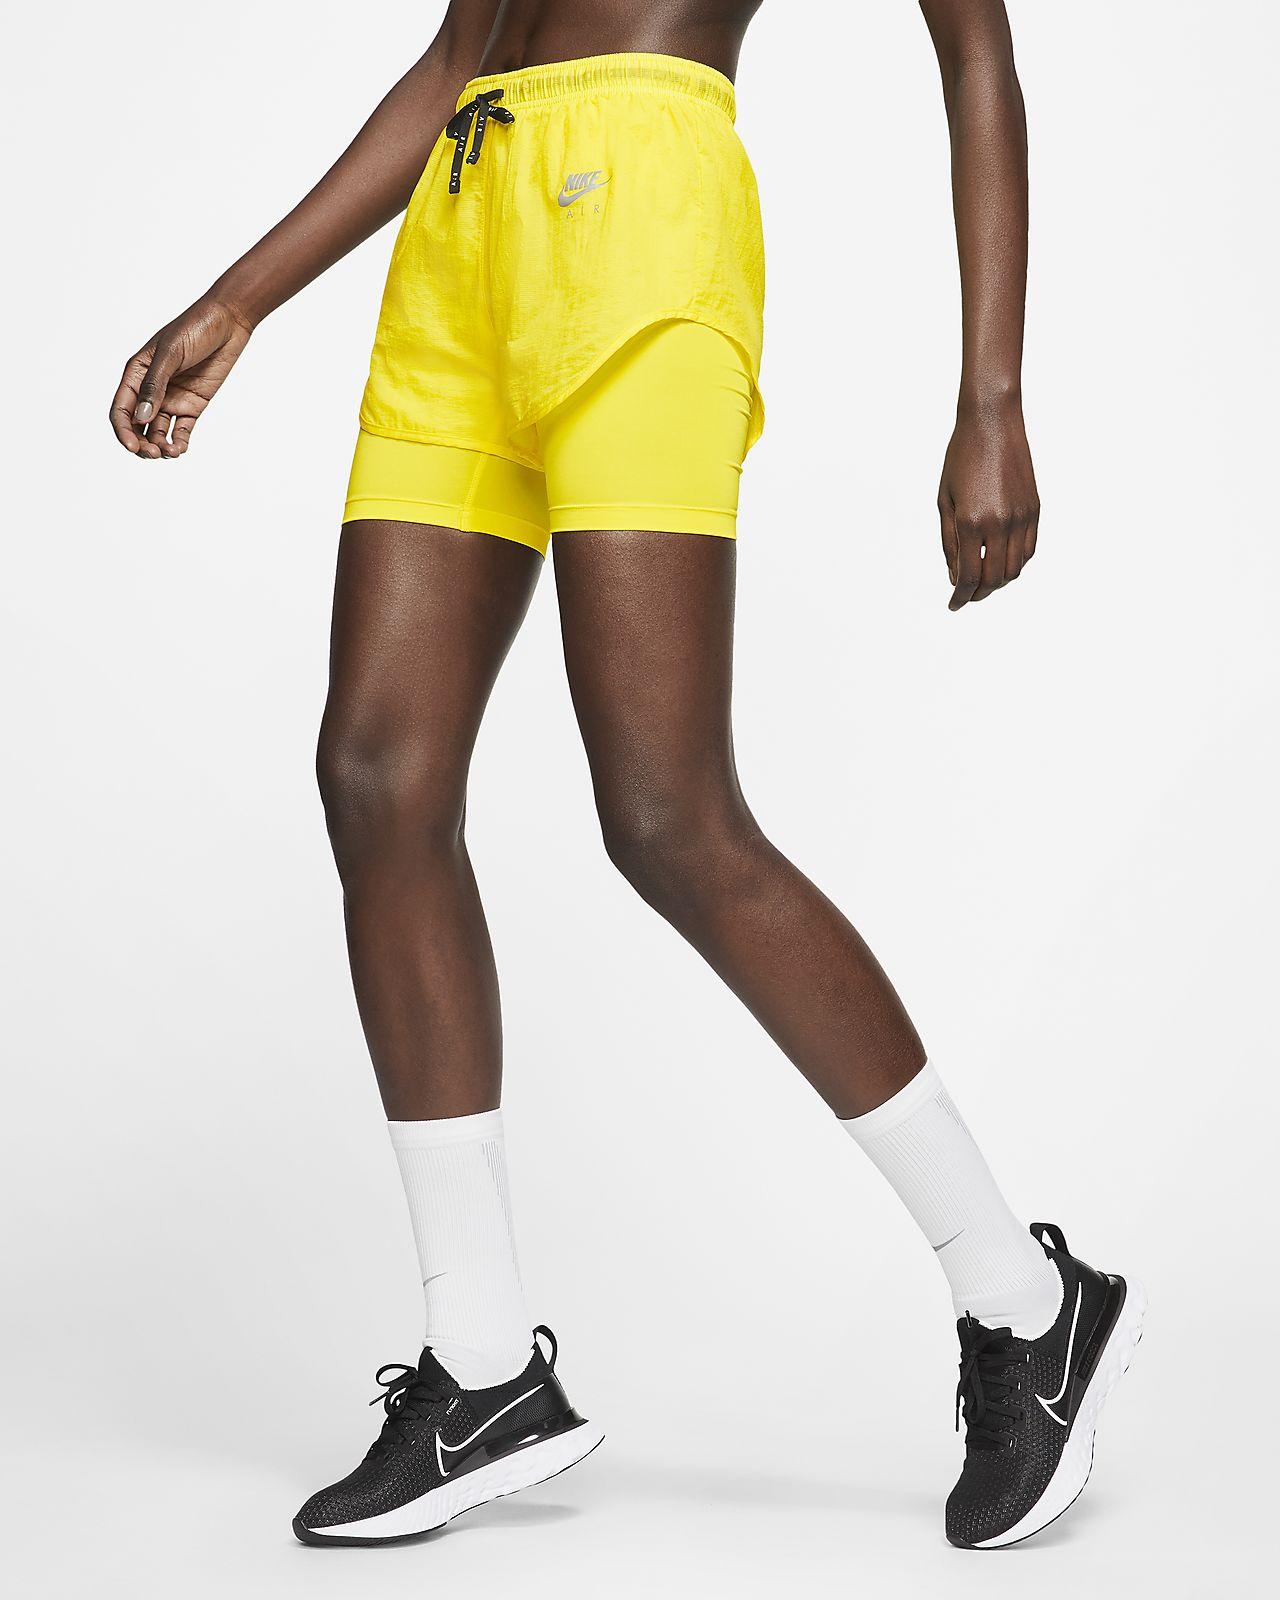 Short de running 2 en 1 Nike Air pour Femme